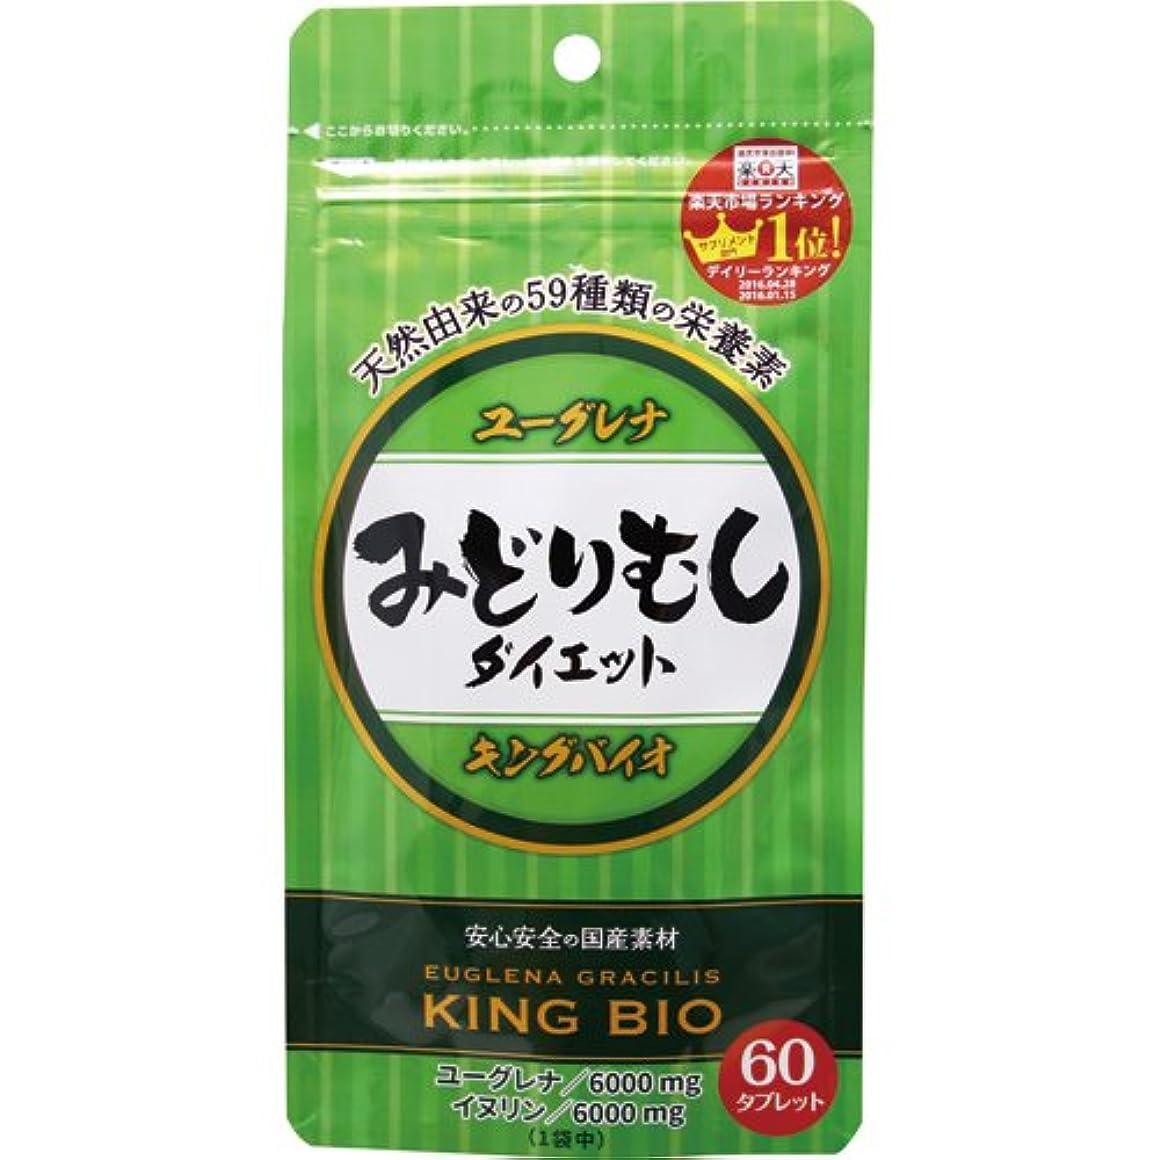 偽造翻訳する廃棄するキングバイオ みどりむしダイエット 60粒